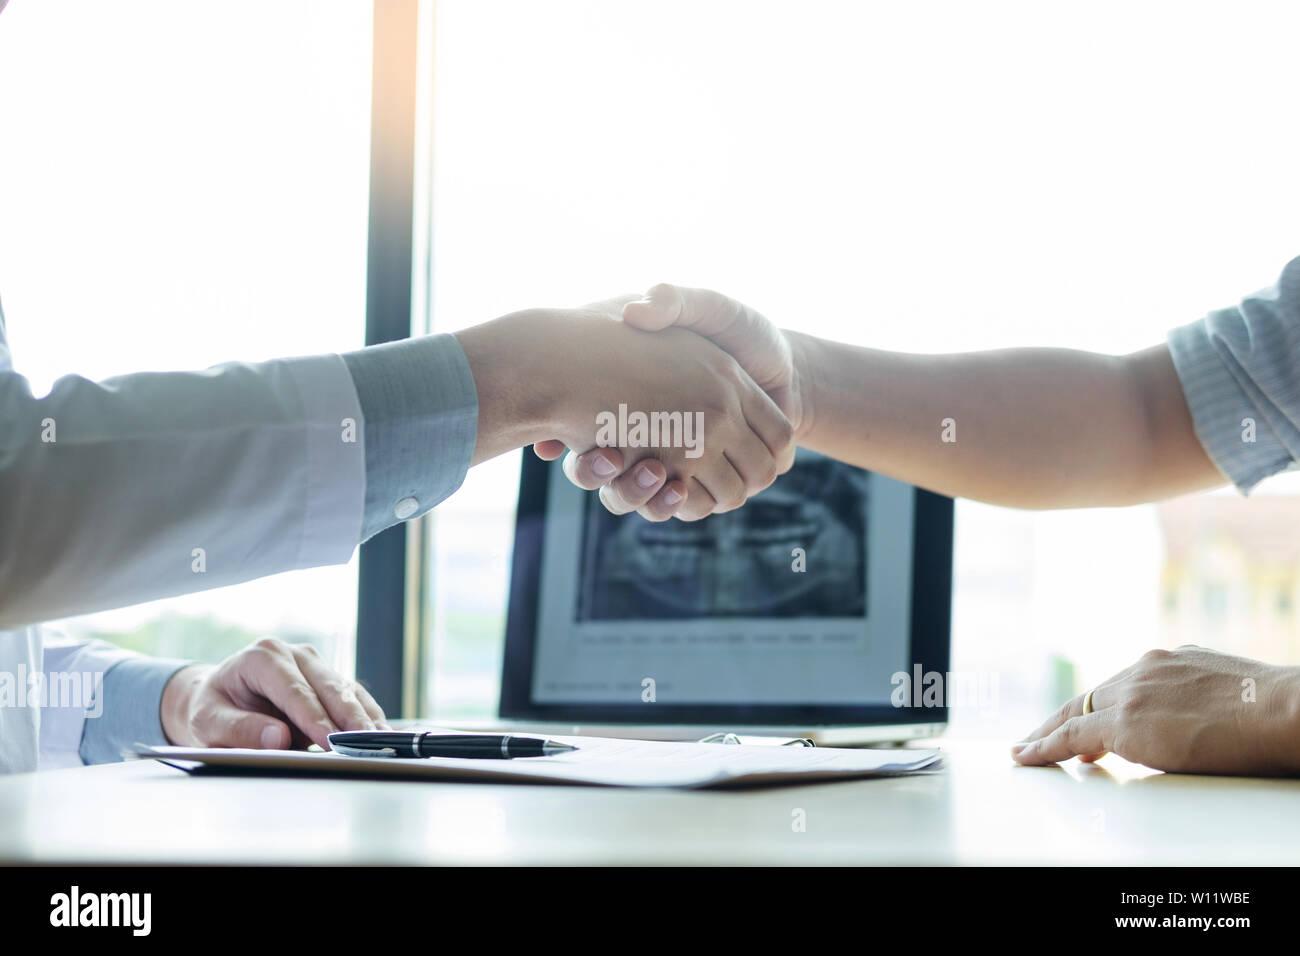 benefici di frequentare un medico femminile avvio di un sito di dating online